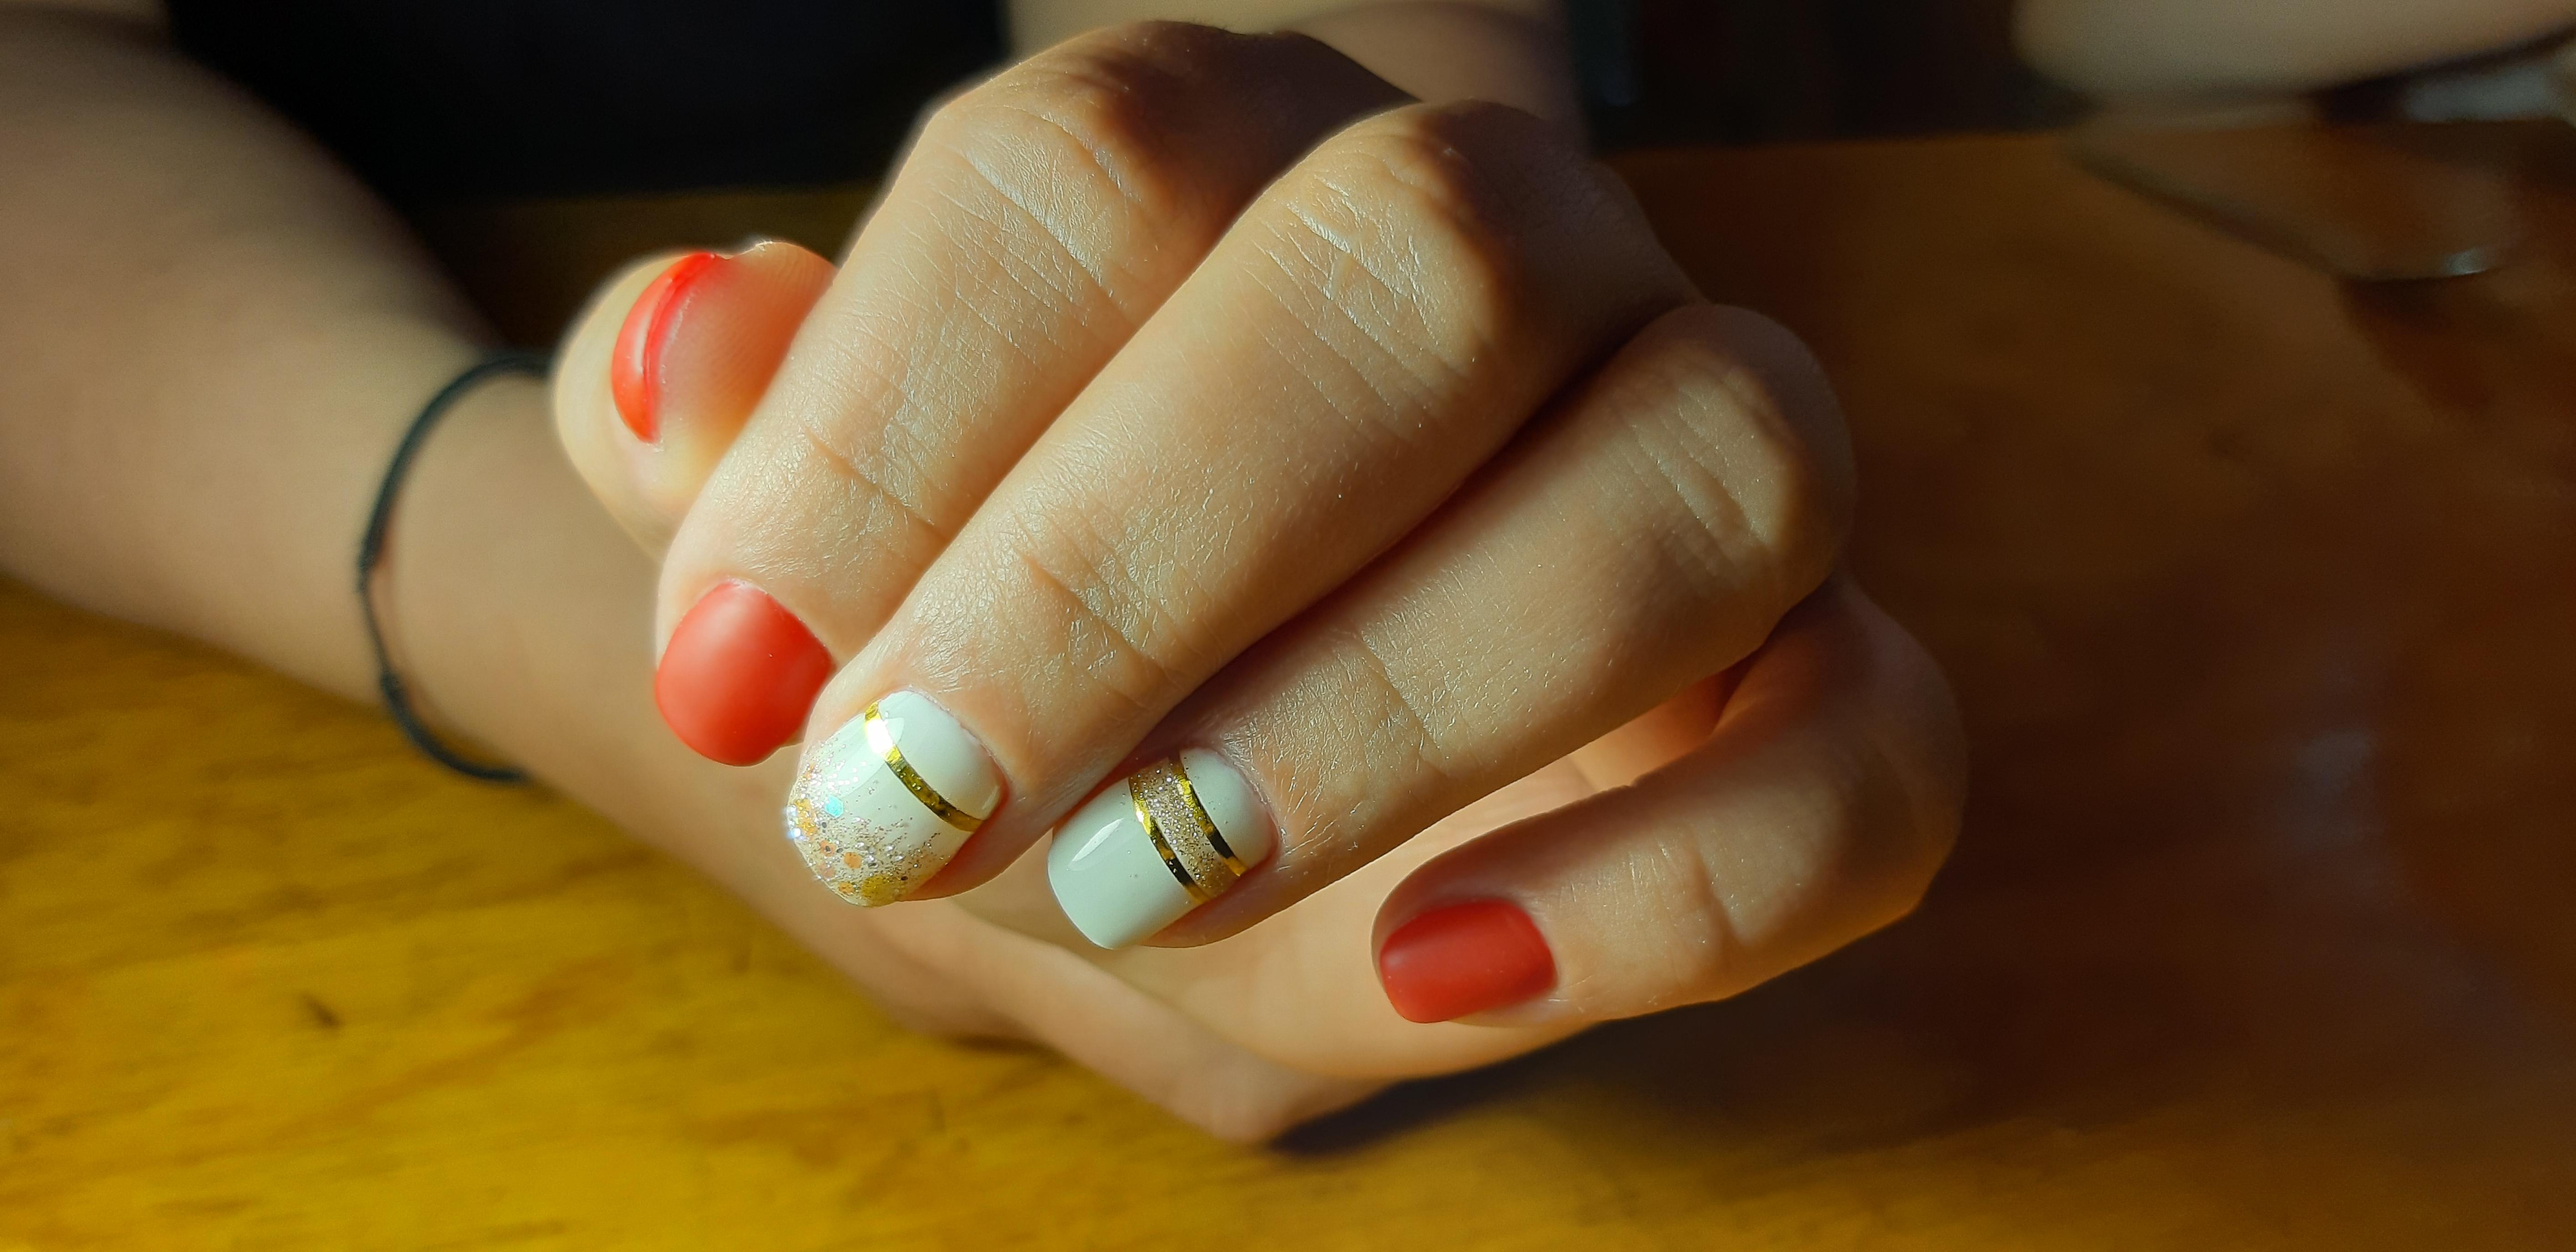 Разноцветный маникюр с золотыми полосками на короткие ногти.